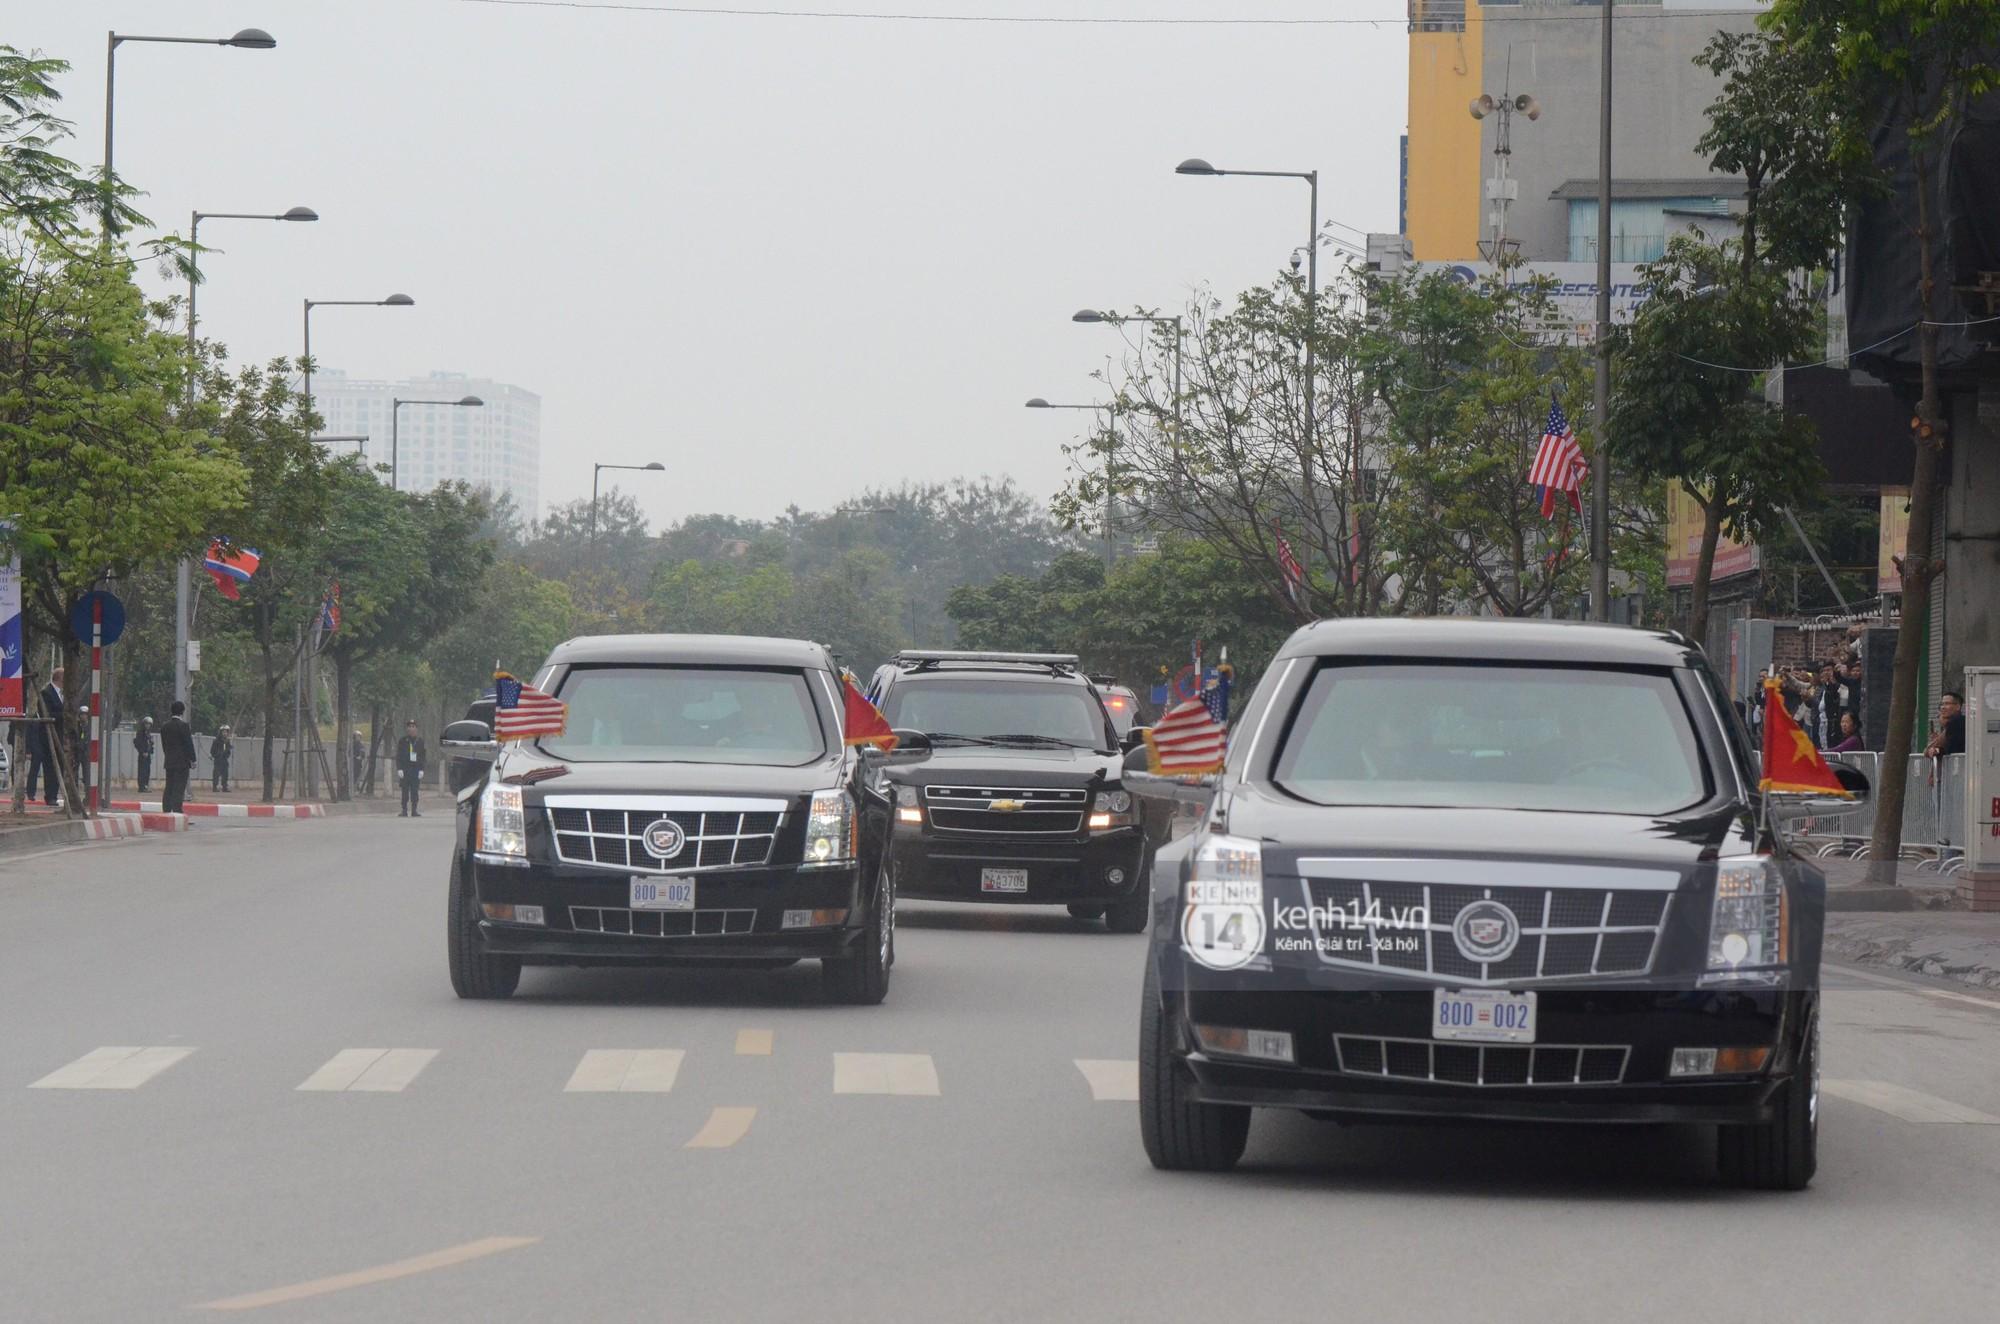 Thủ tướng Nguyễn Xuân Phúc hội kiến Tổng thống Trump-22